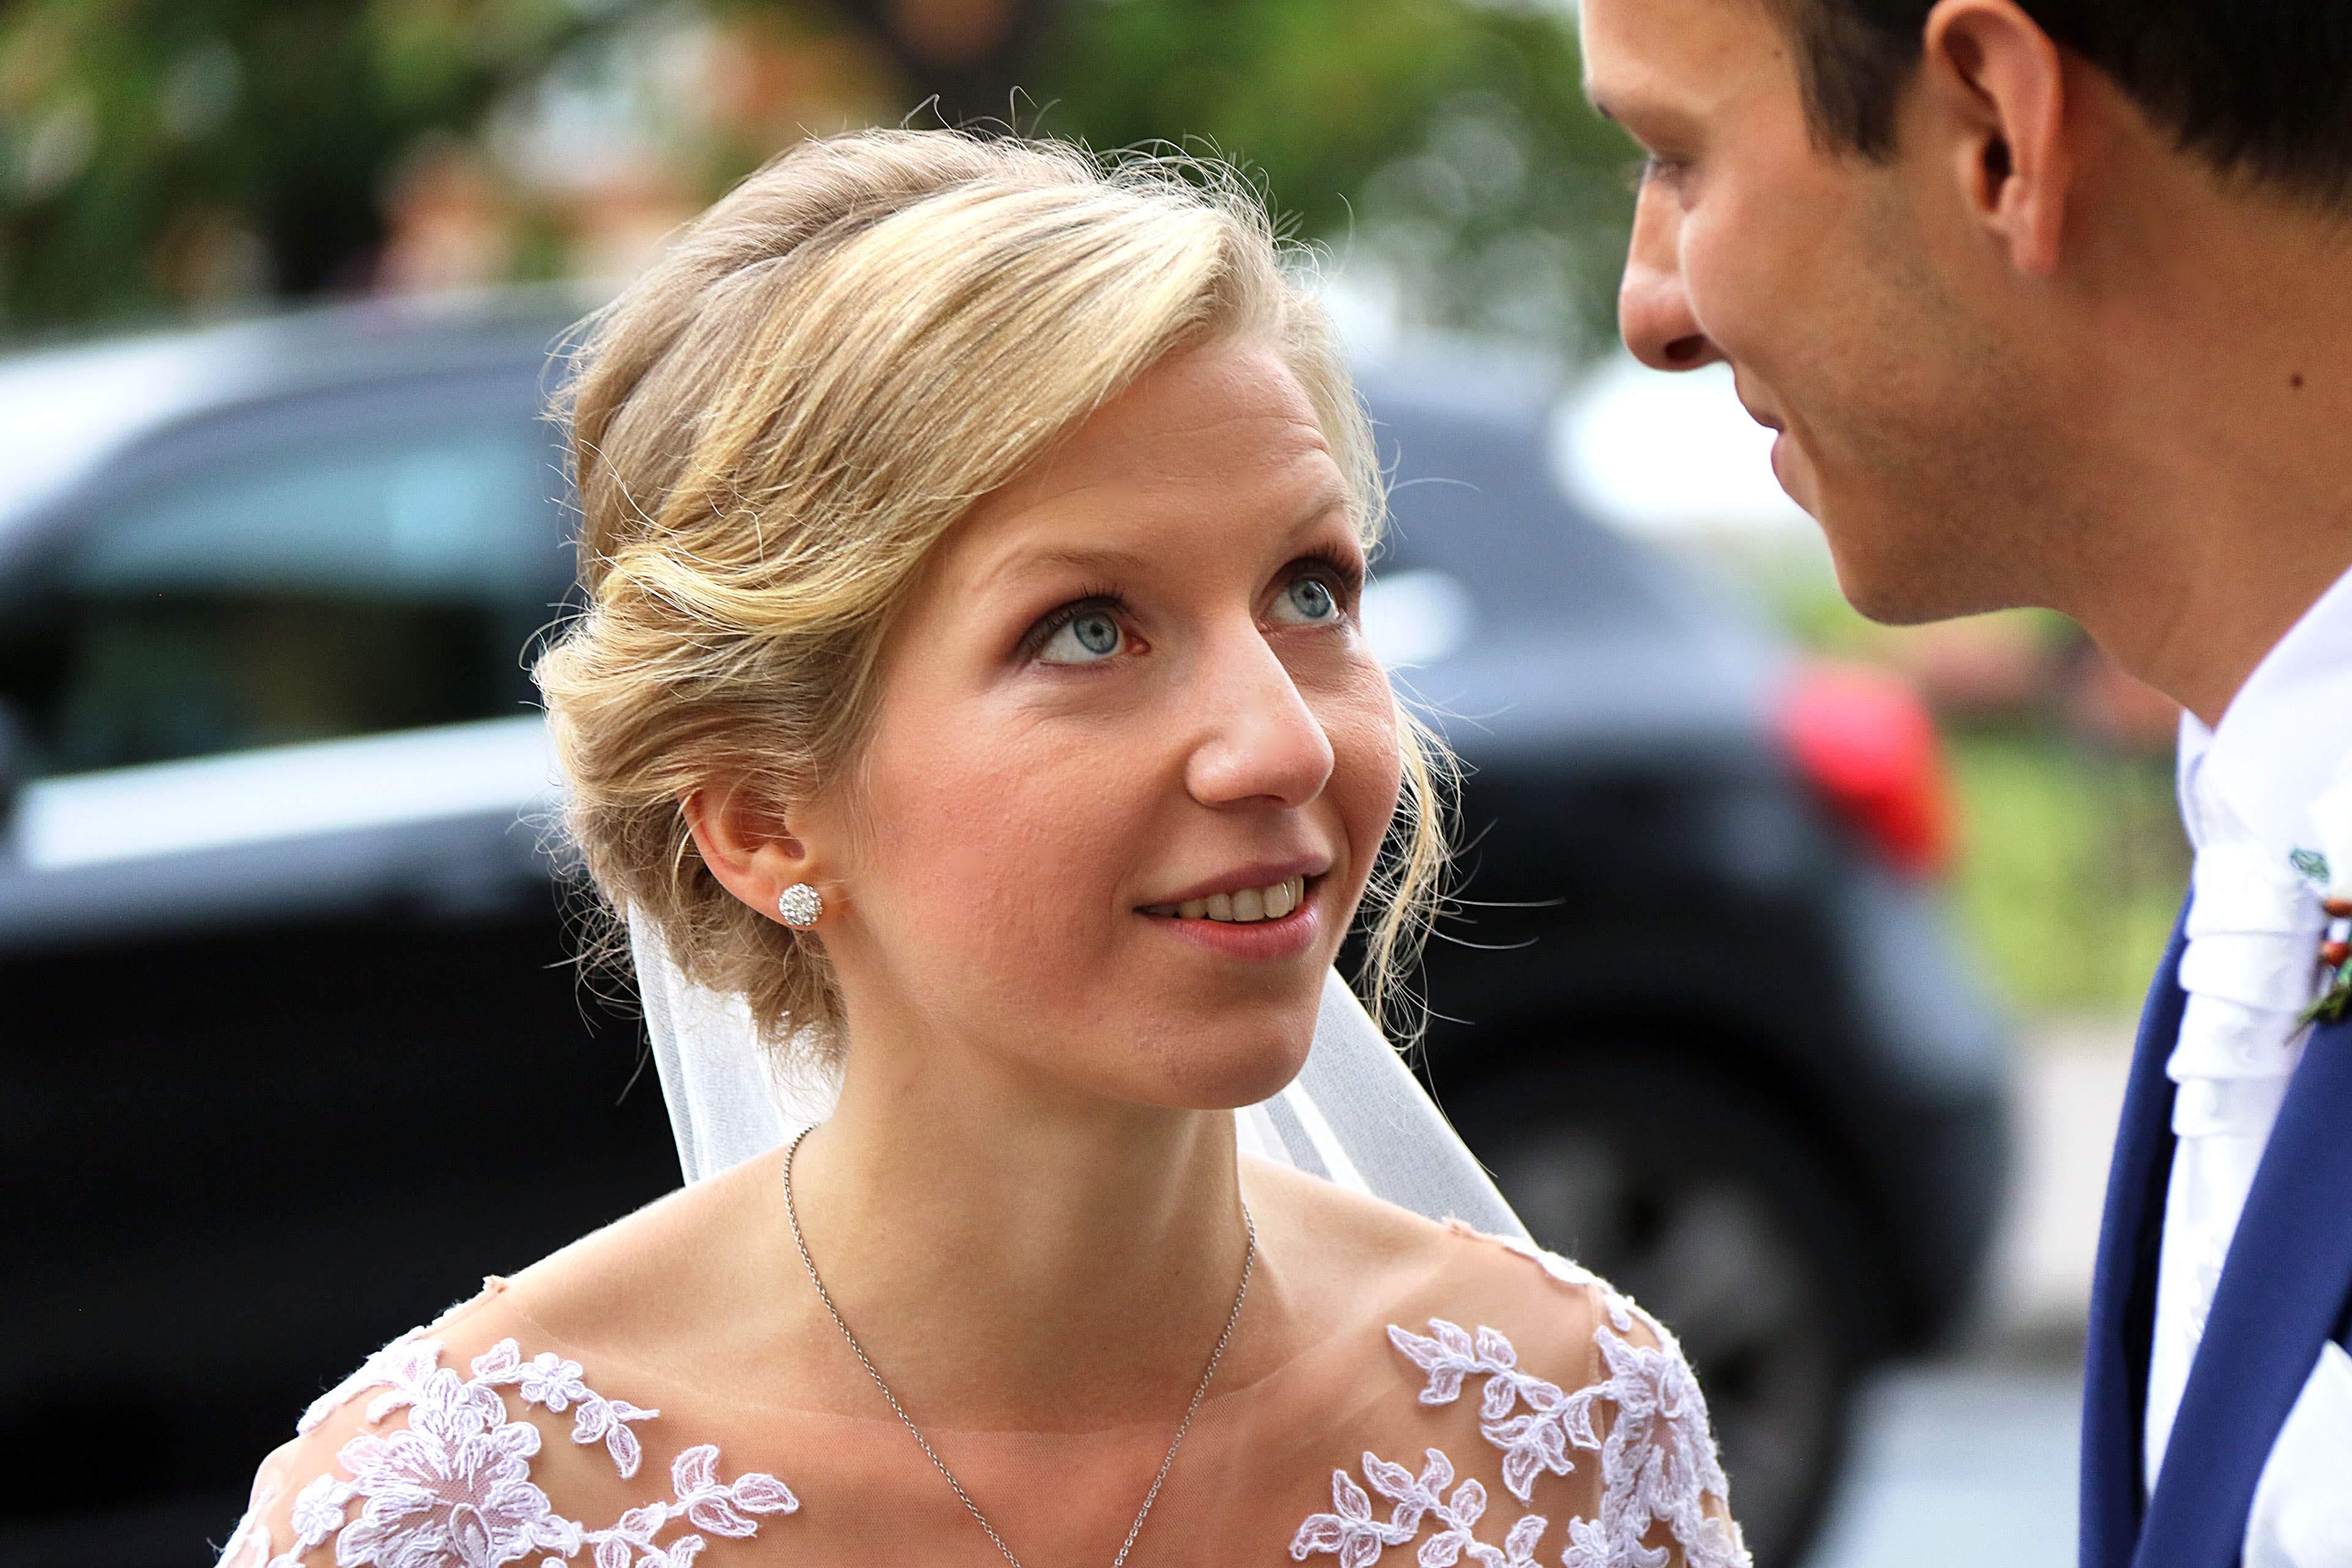 Menyasszony a templom előtt